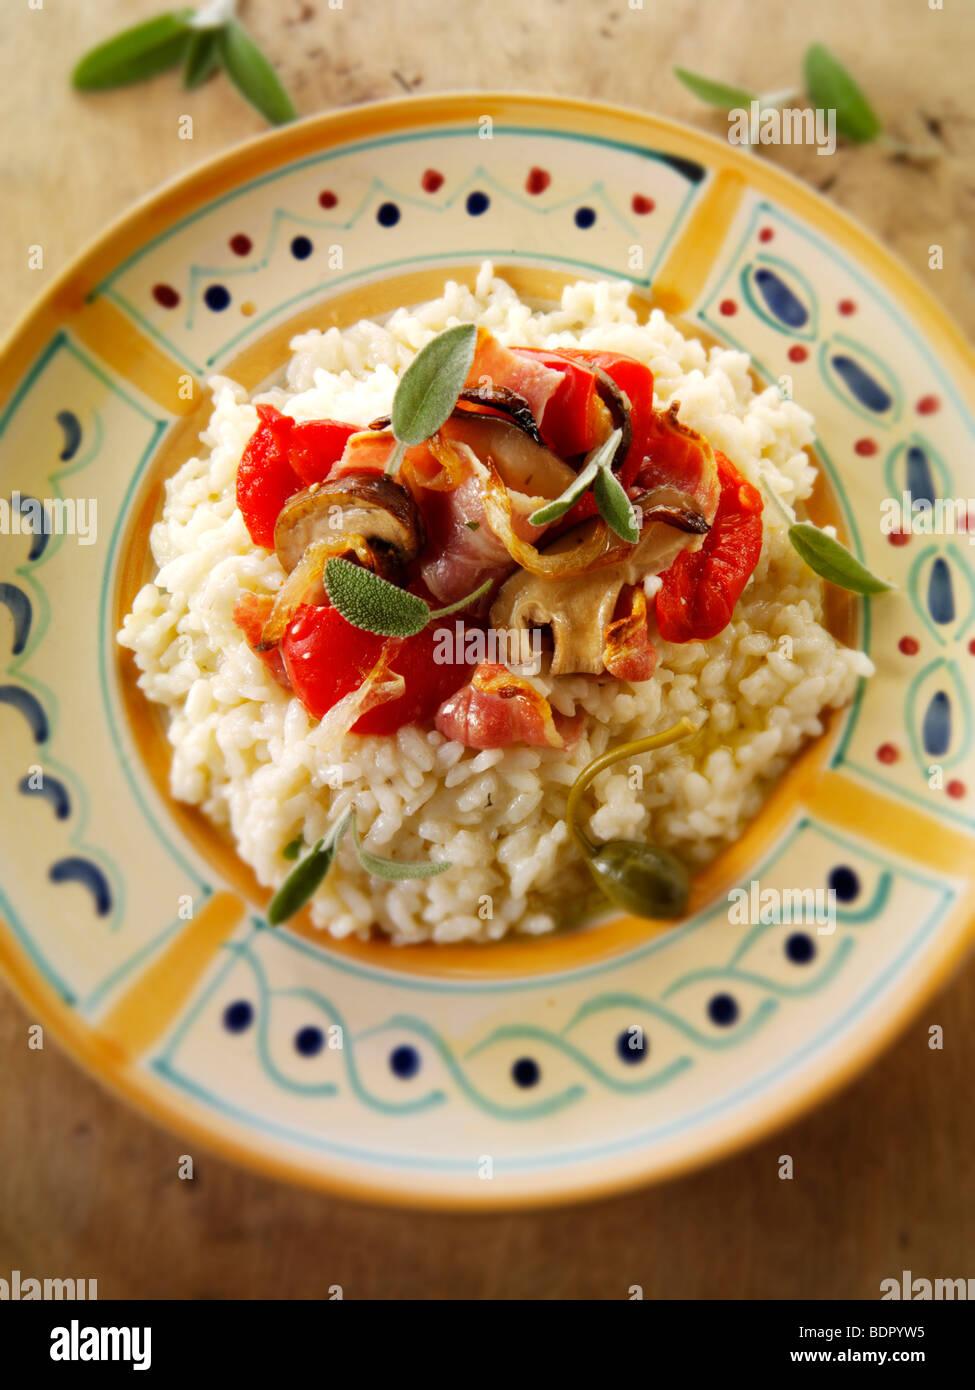 Classic risotto con pimientos asados, verduras y bacon. Imagen De Stock